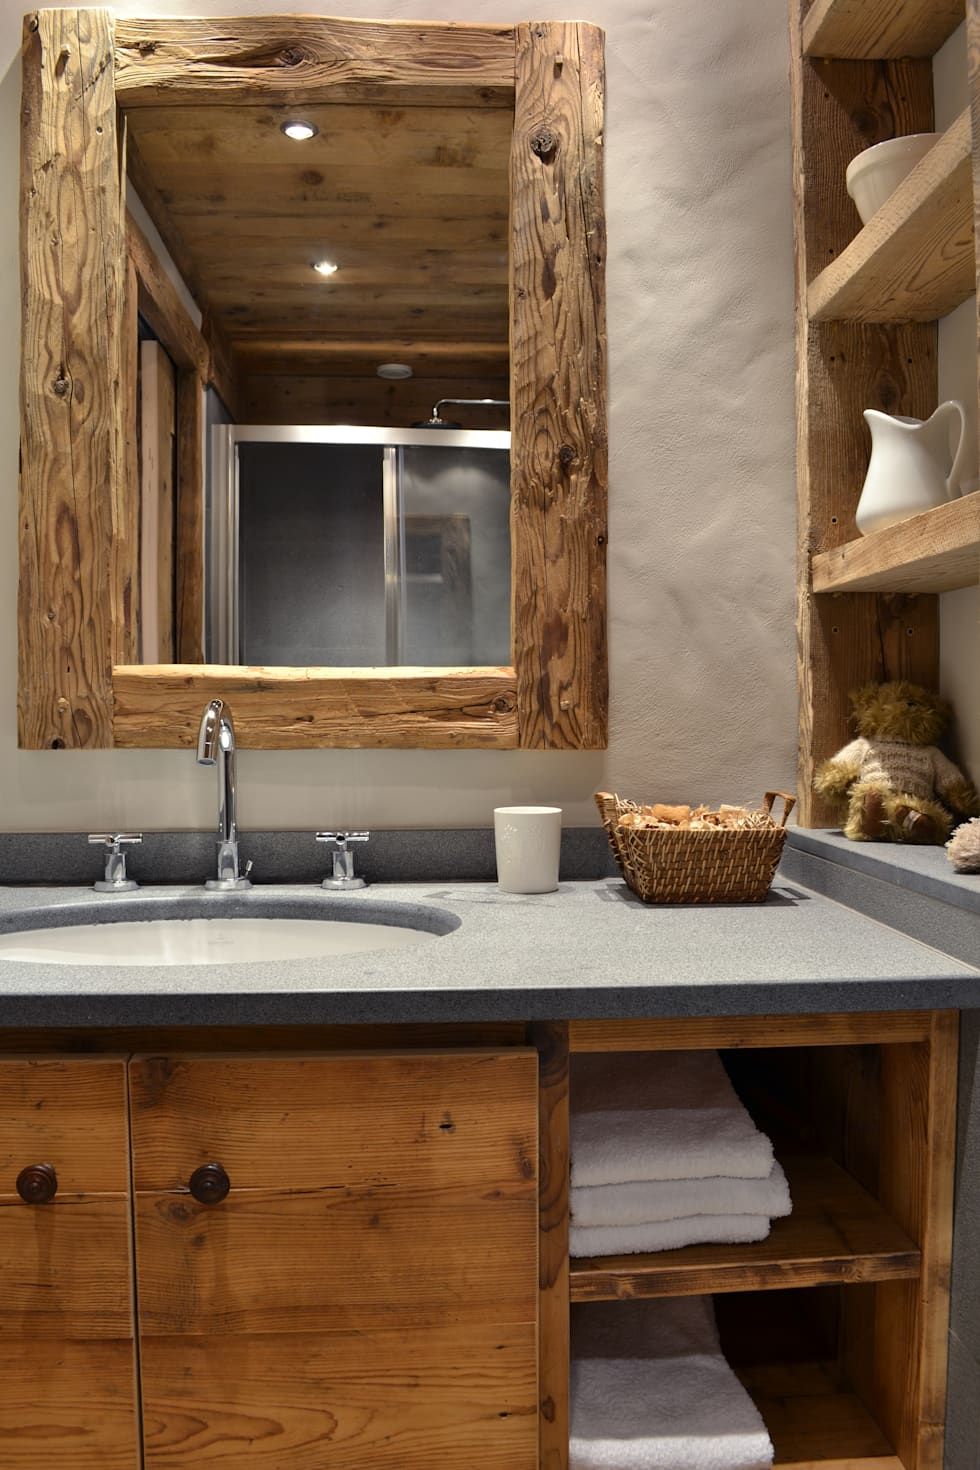 Idee arredamento casa interior design homify - Idee mobili bagno ...